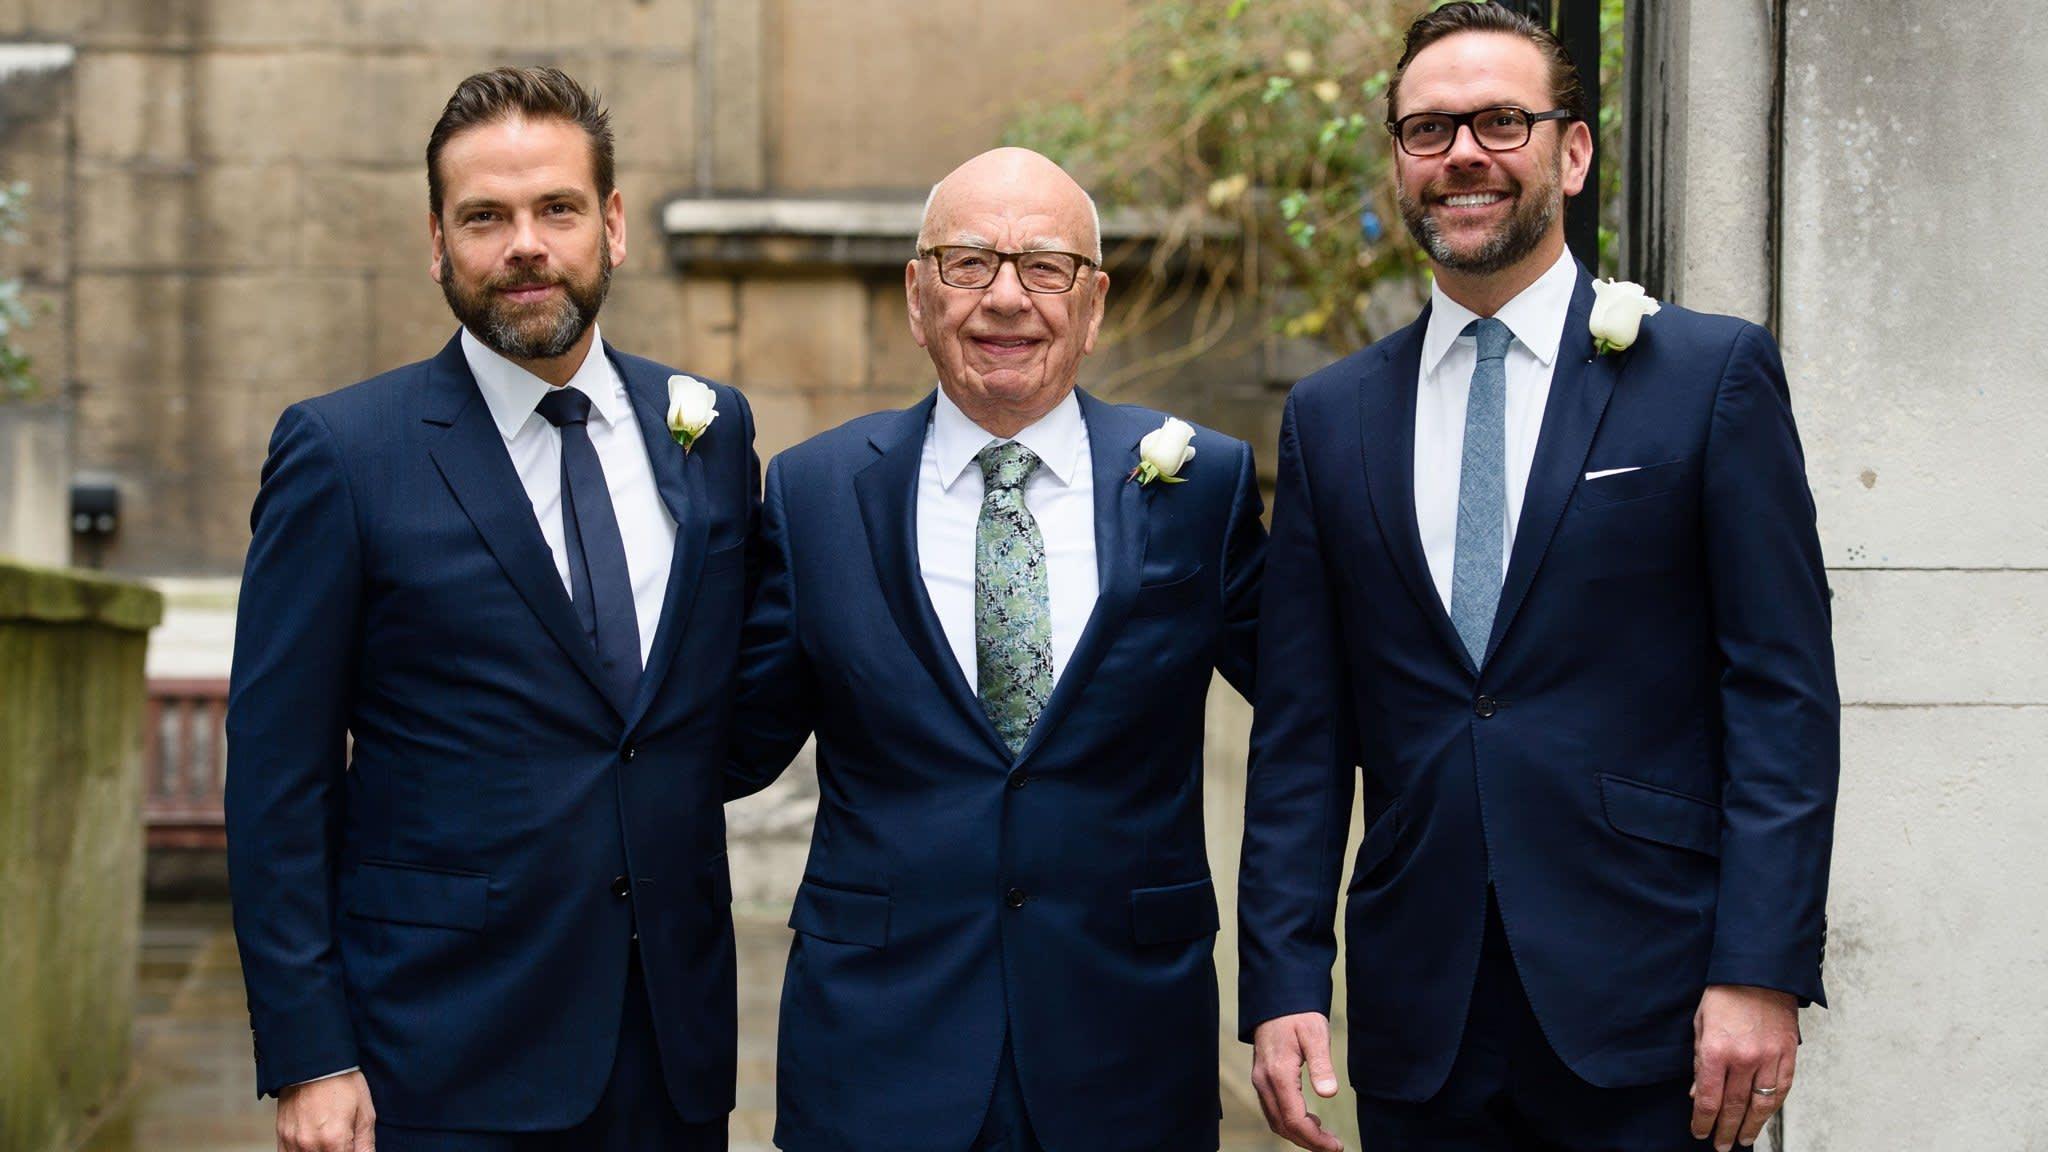 Murdoch children in line for $2bn each on media empire break-up